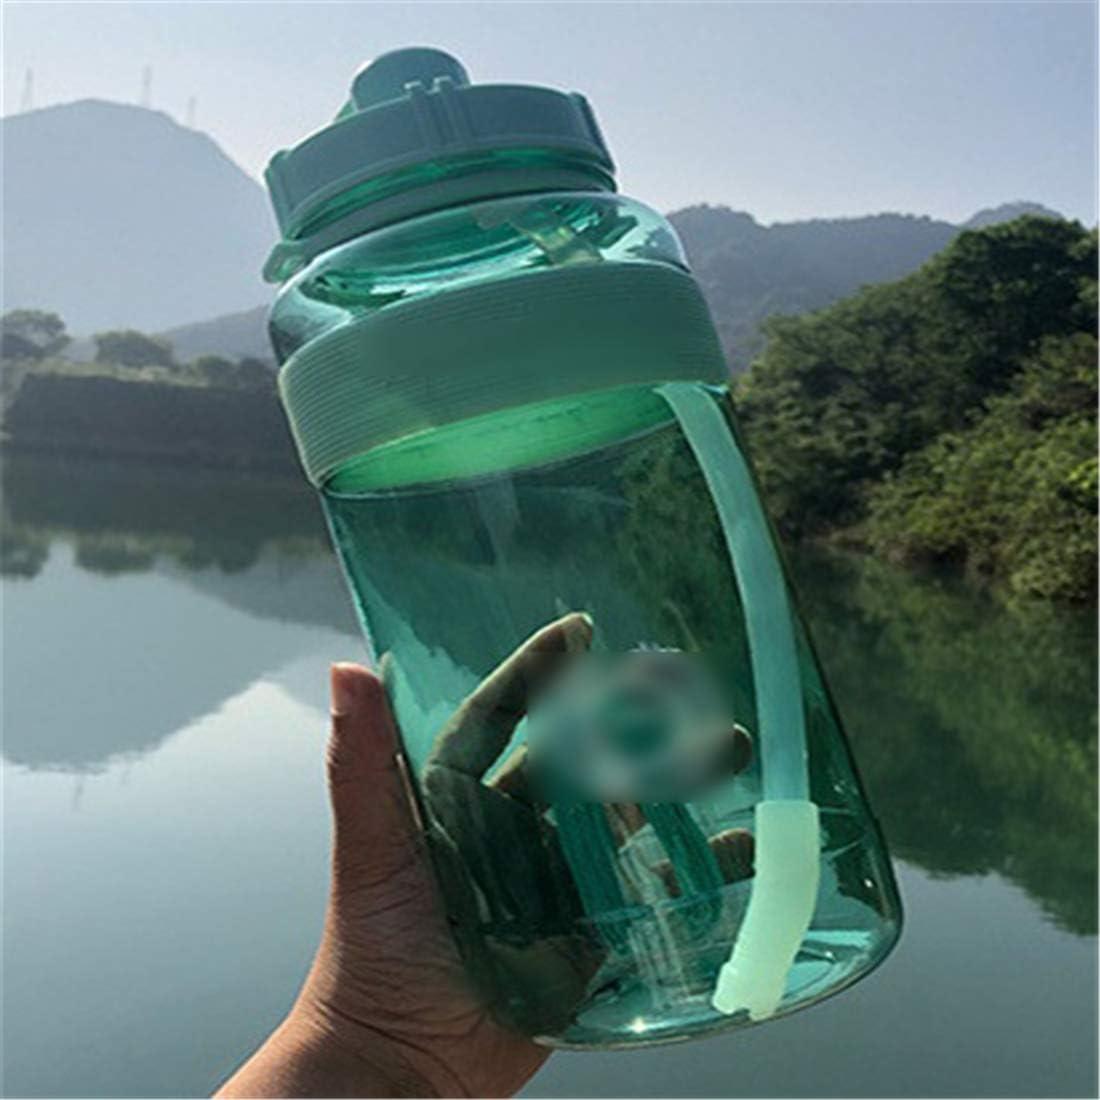 HMJ Copa de Metal Plástico Gran Capacidad Copa de Espacio Hervidor de Agua Cómodo Fitness Deportes Prueba de Fugas Vaso de Paja 600 ml Verde